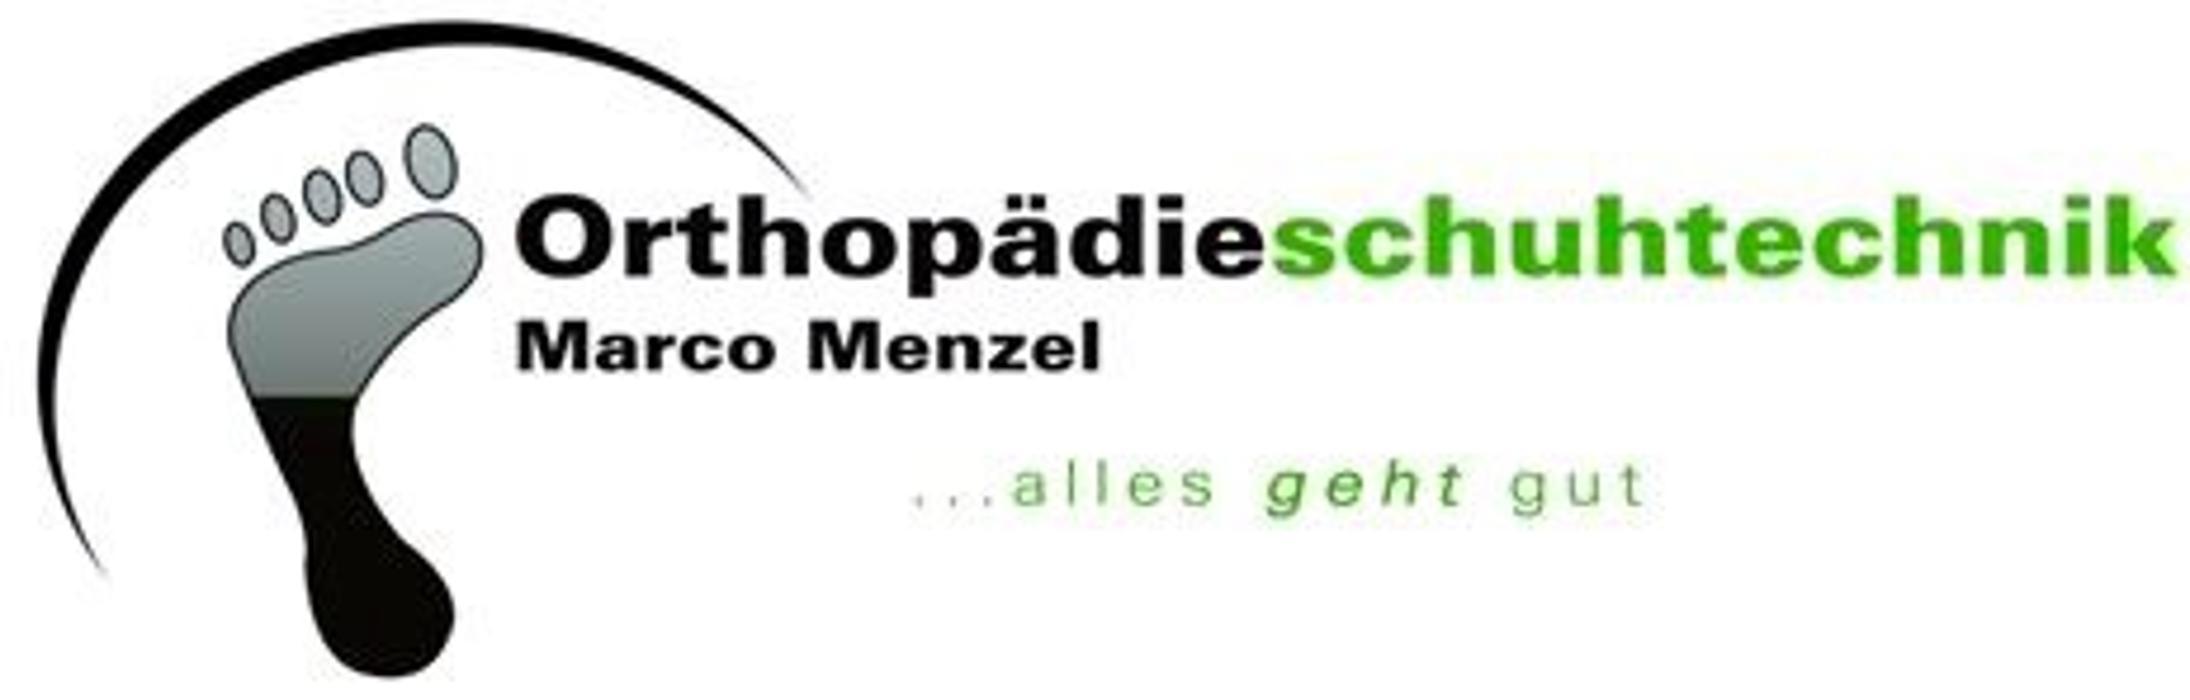 Bild zu Orthopädieschuhtechnik Marco Menzel in Brandenburg an der Havel